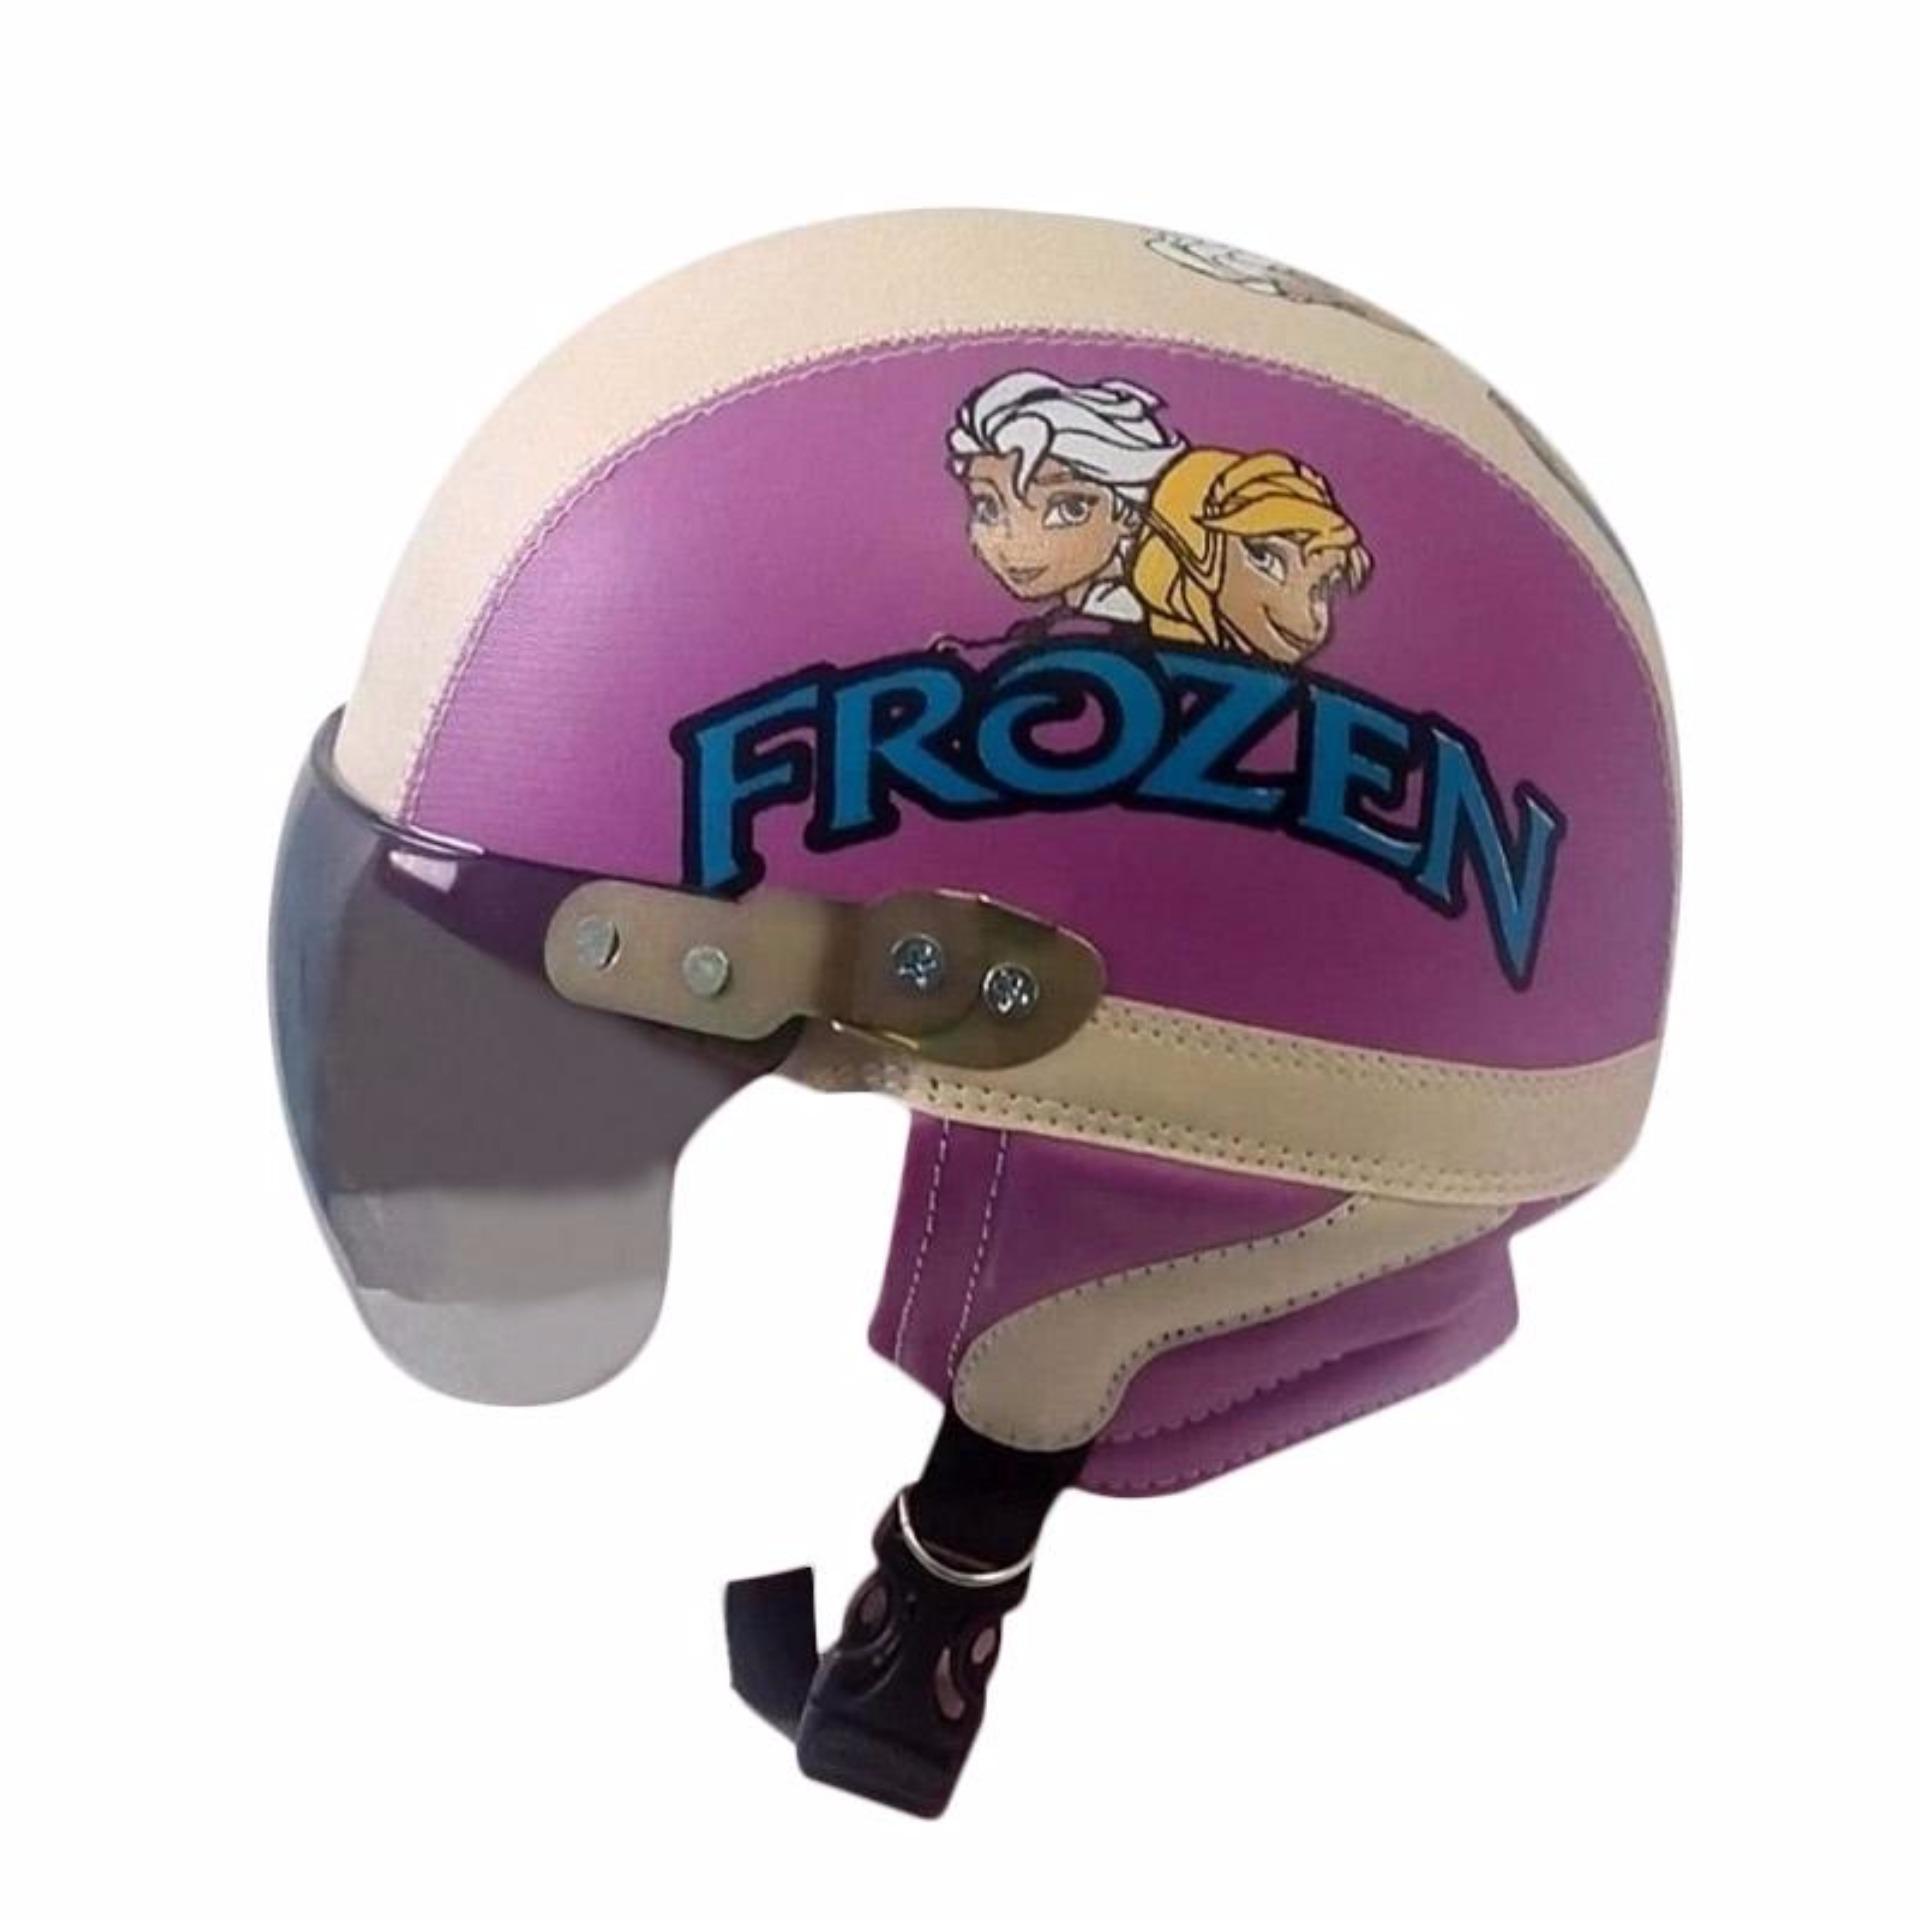 Anggaran Terbaik Helm Anak Lucu Karakter Frozen Usia 1 5 Tahun Kaca Riben Ungu